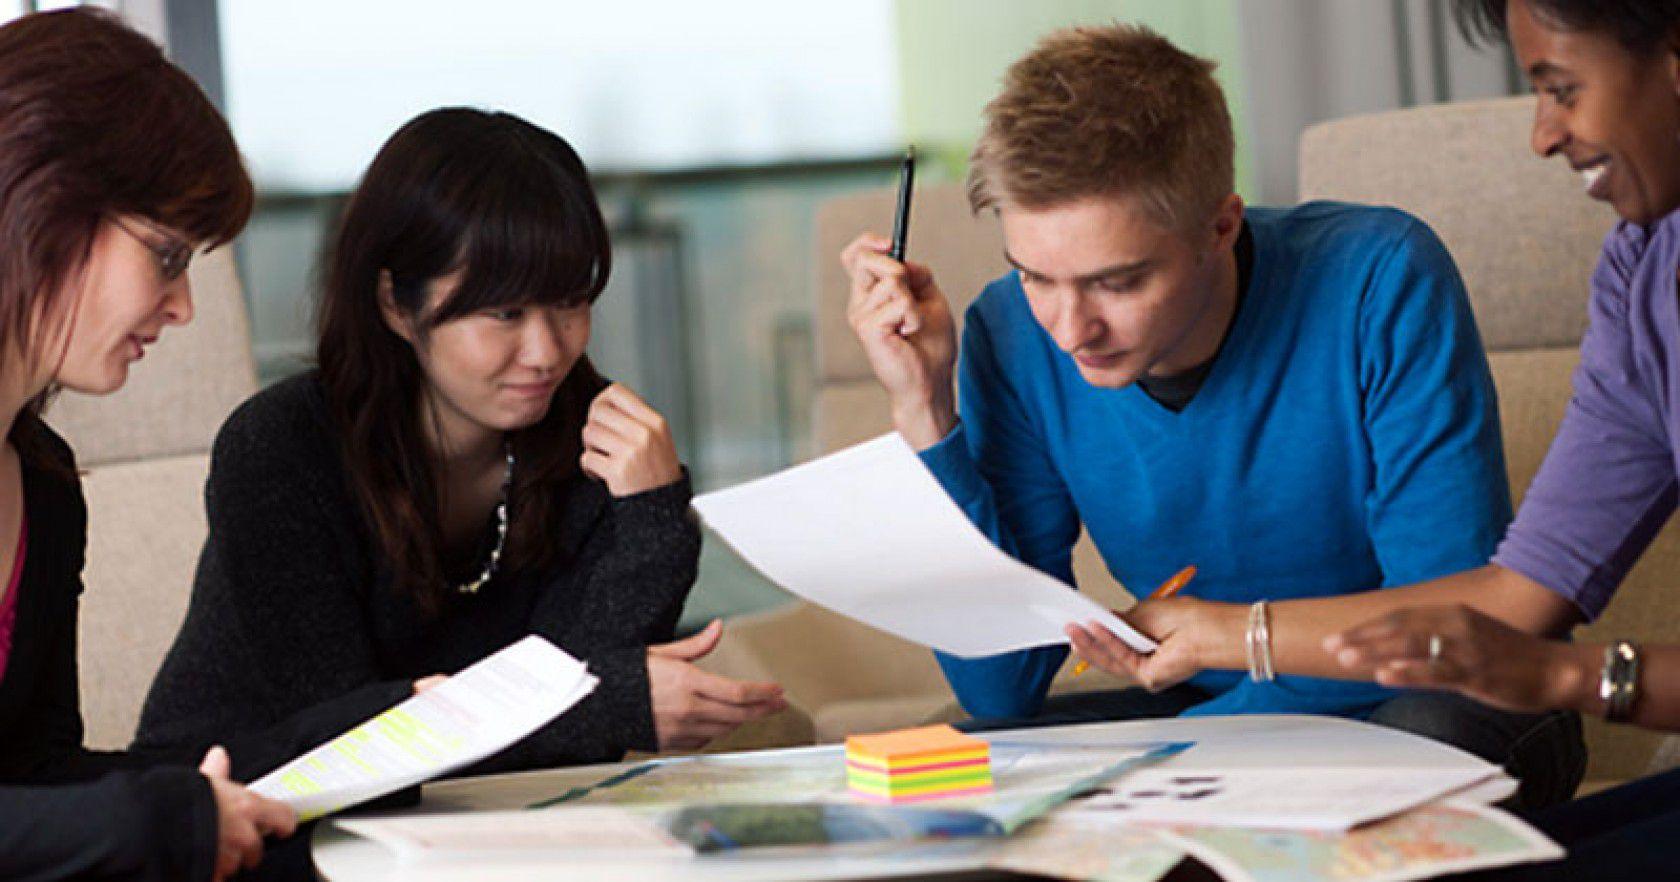 Avustralya Lise Eğitim Programları Hakkında Eğitimci Görüşü